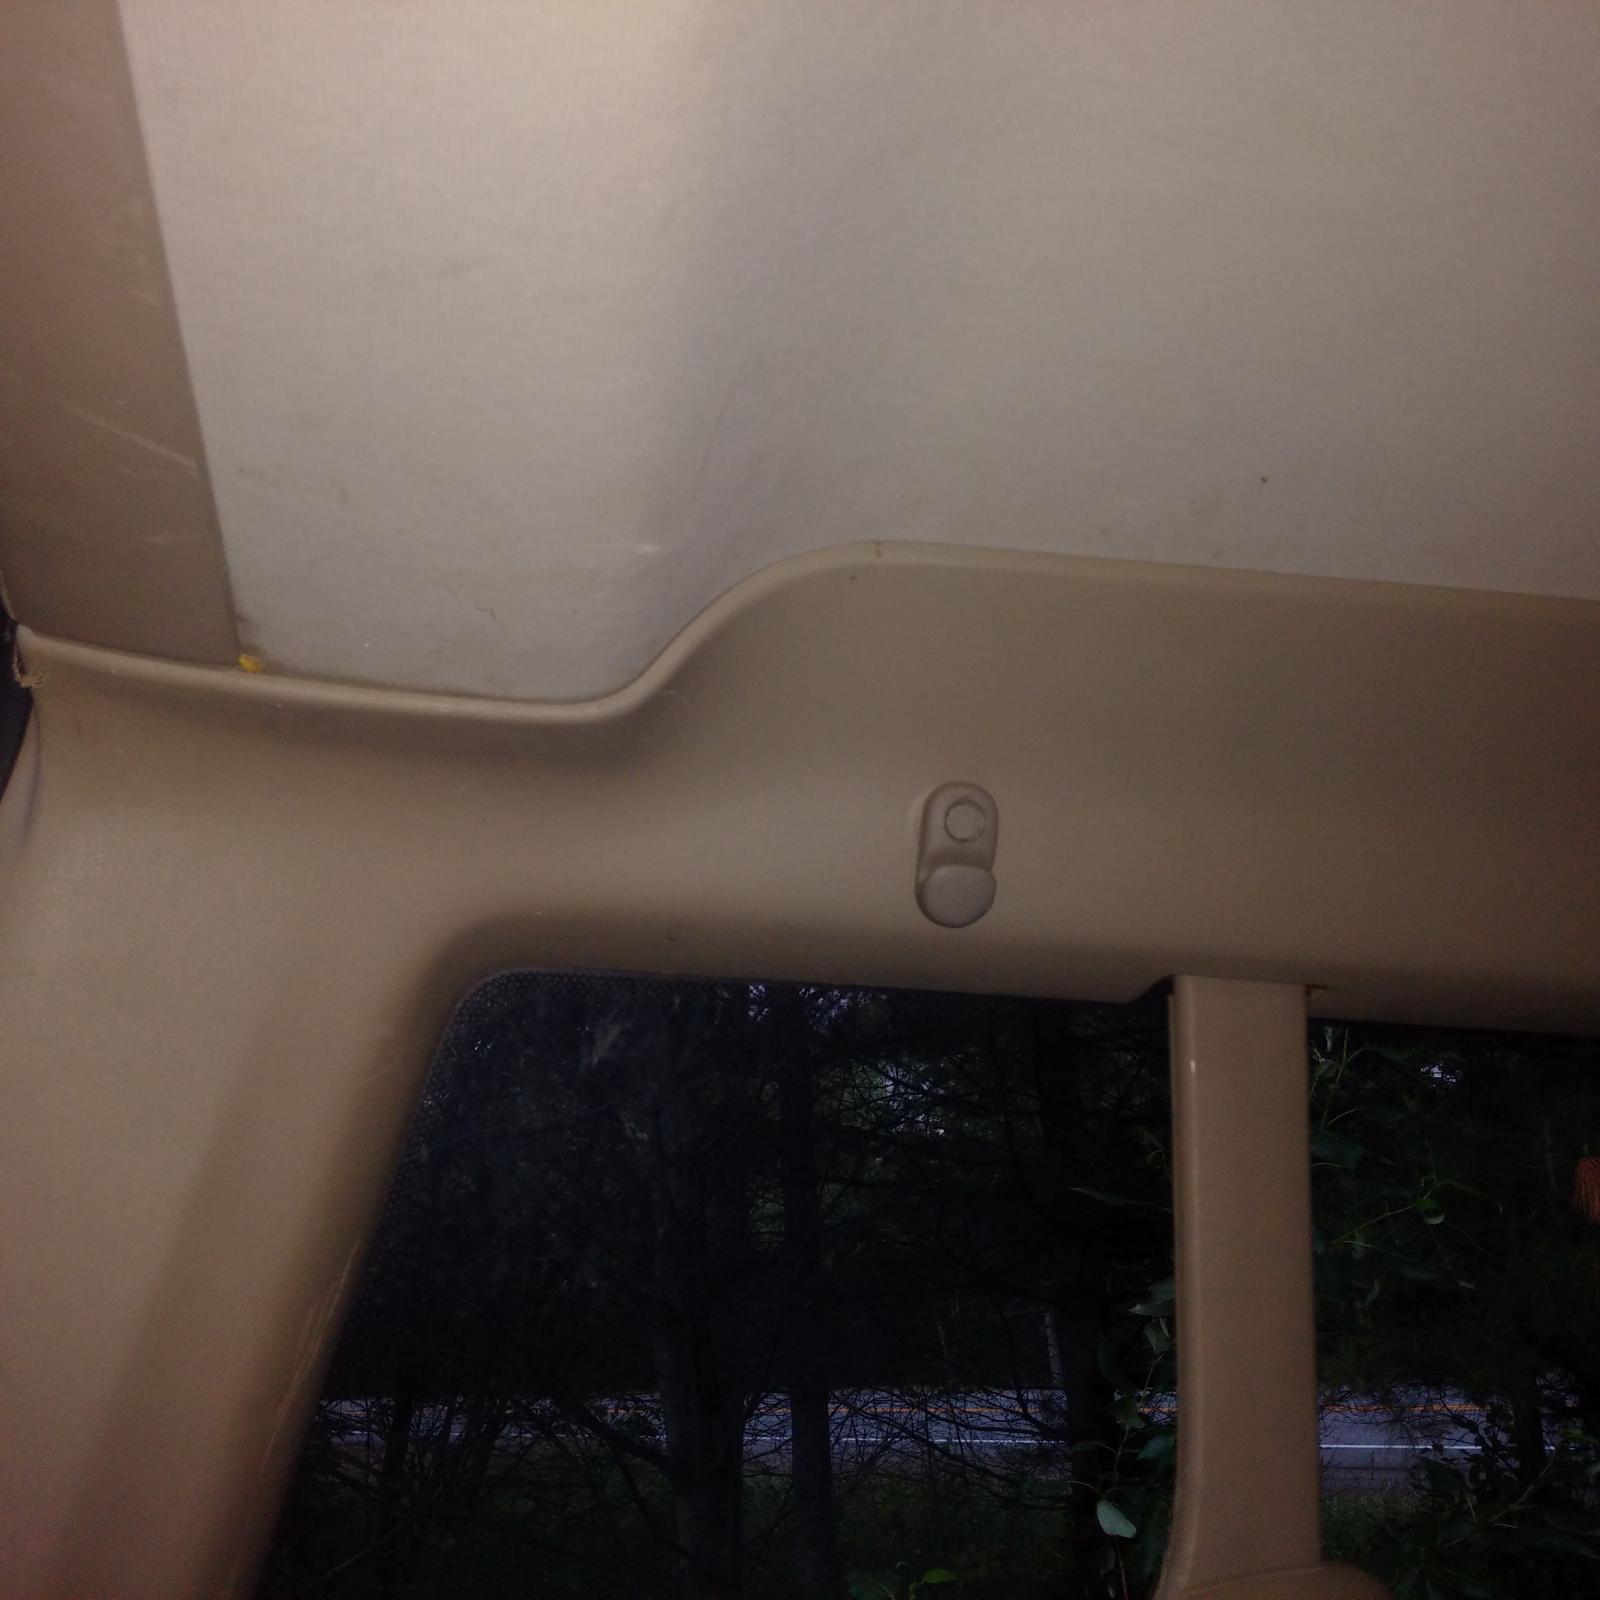 1992 Eurovan GL rear interior roofline